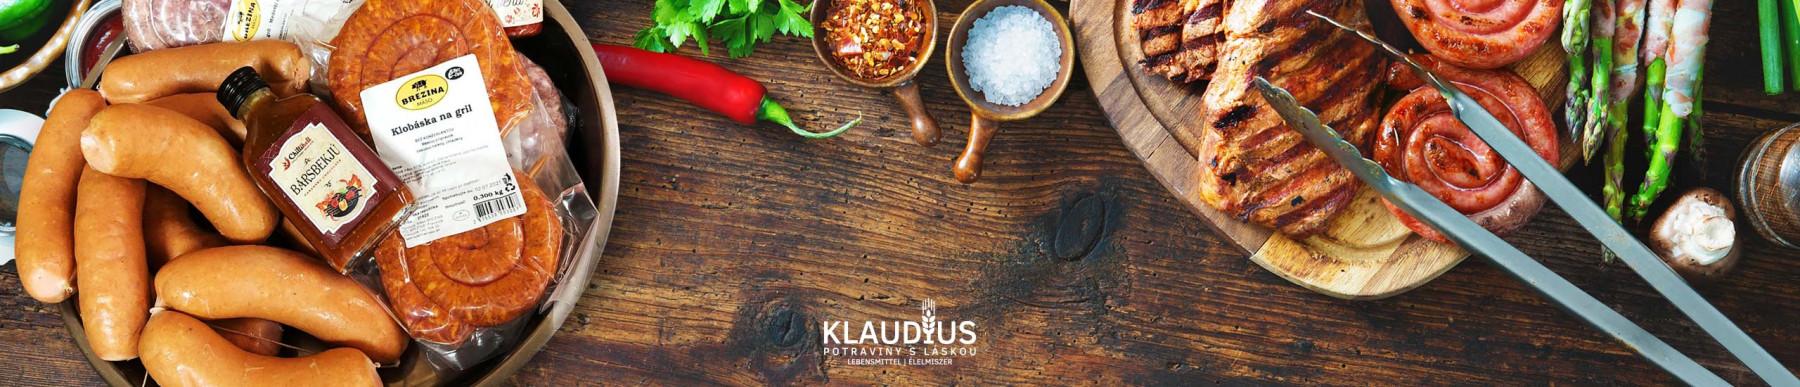 Rozširujeme priestory - Klaudius